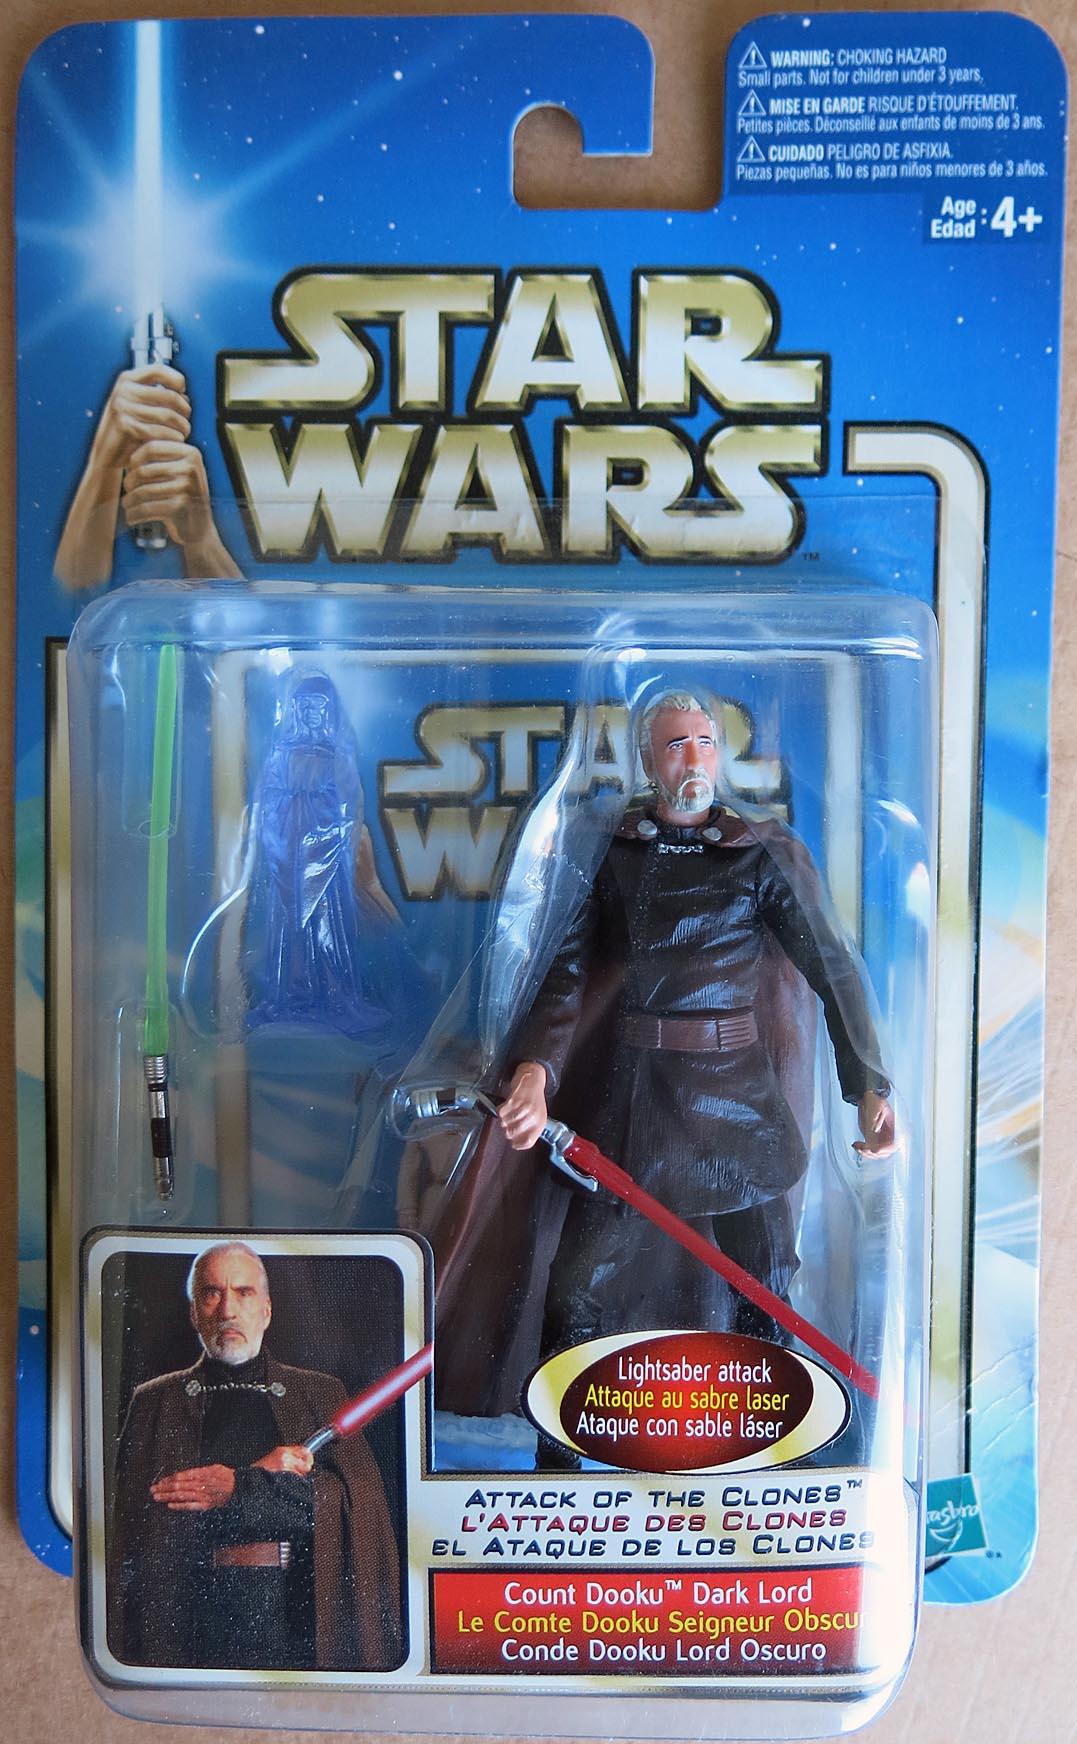 Star Wars Attack of the clones épisode II COMTE DOOKU Dark Lord Figure